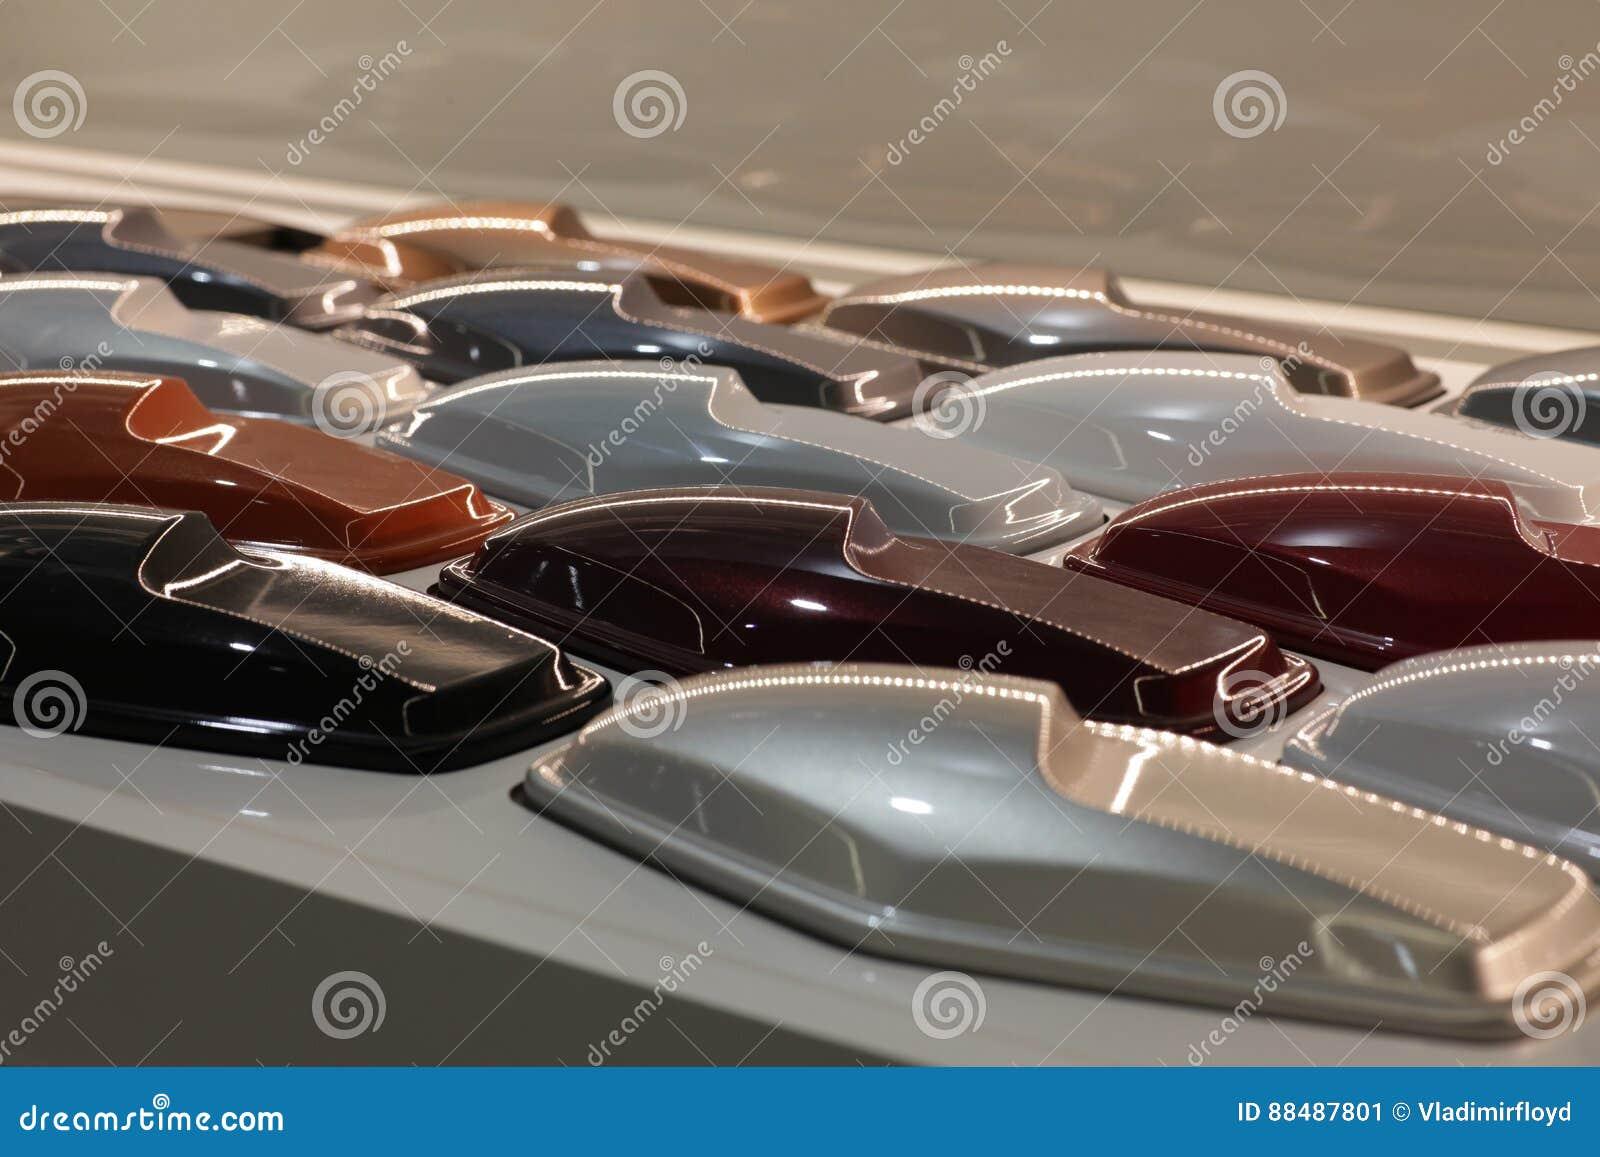 Different car colors